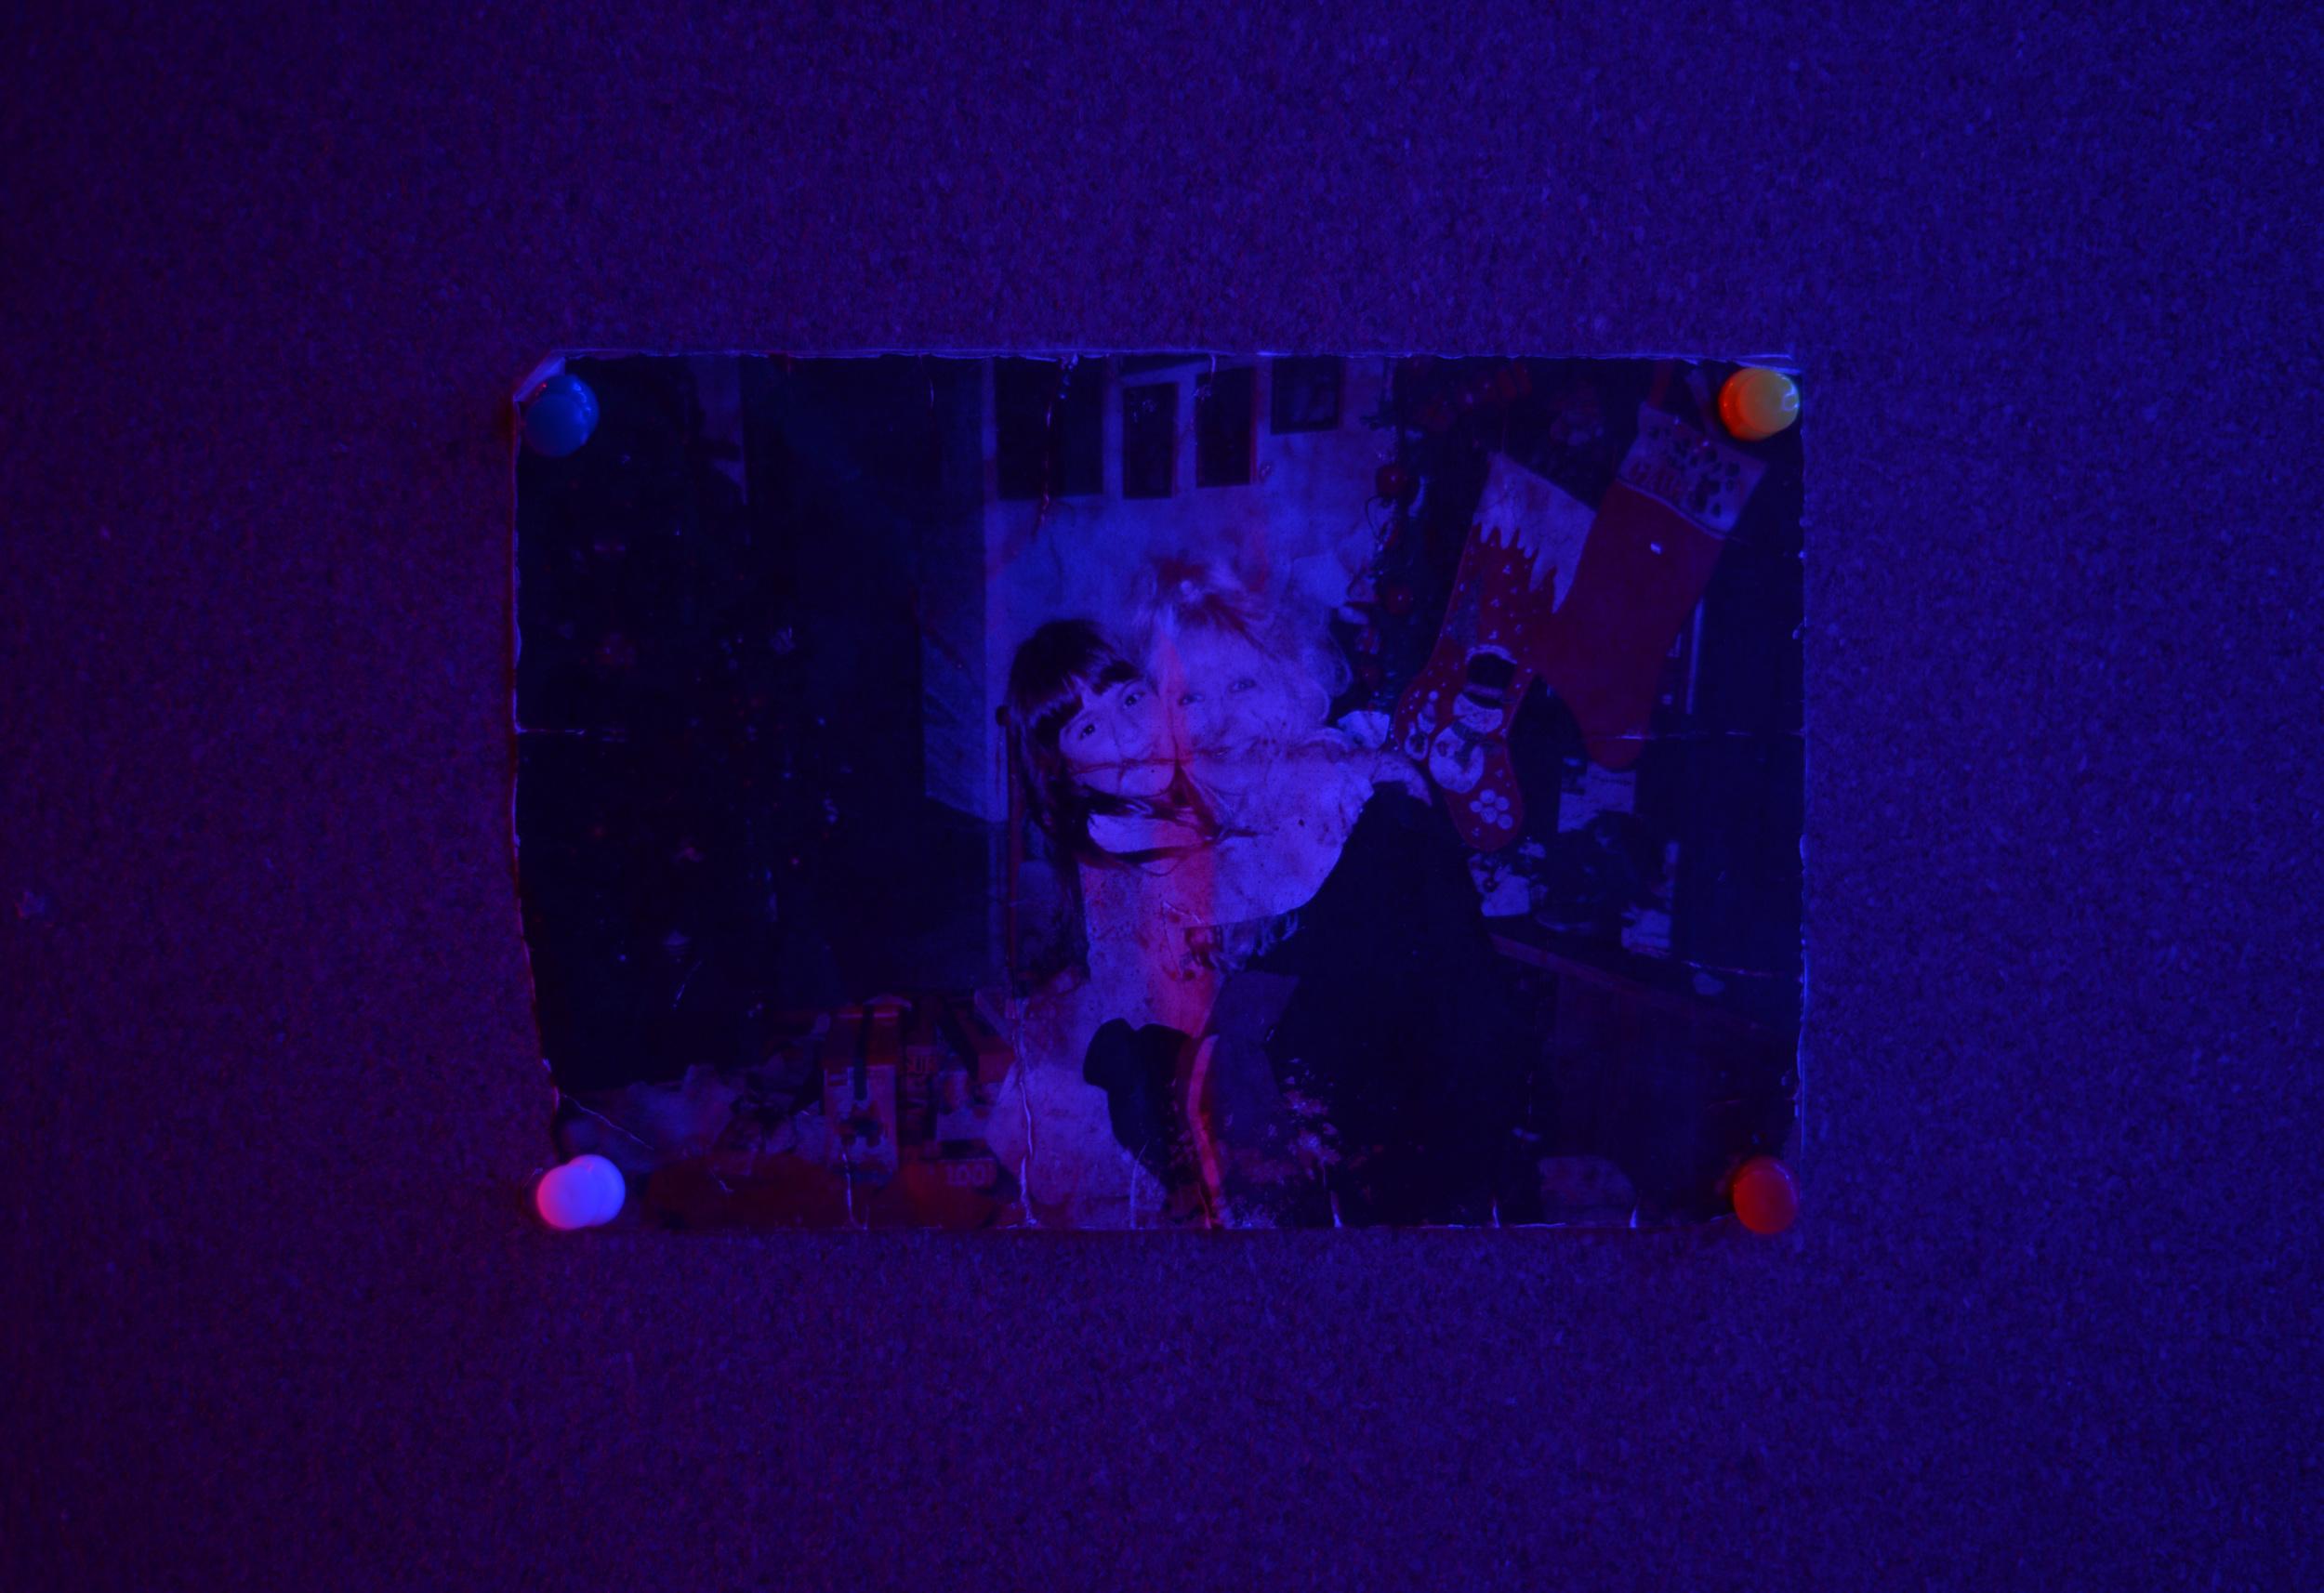 Dark-Rooms-XMAS-Photo.jpg